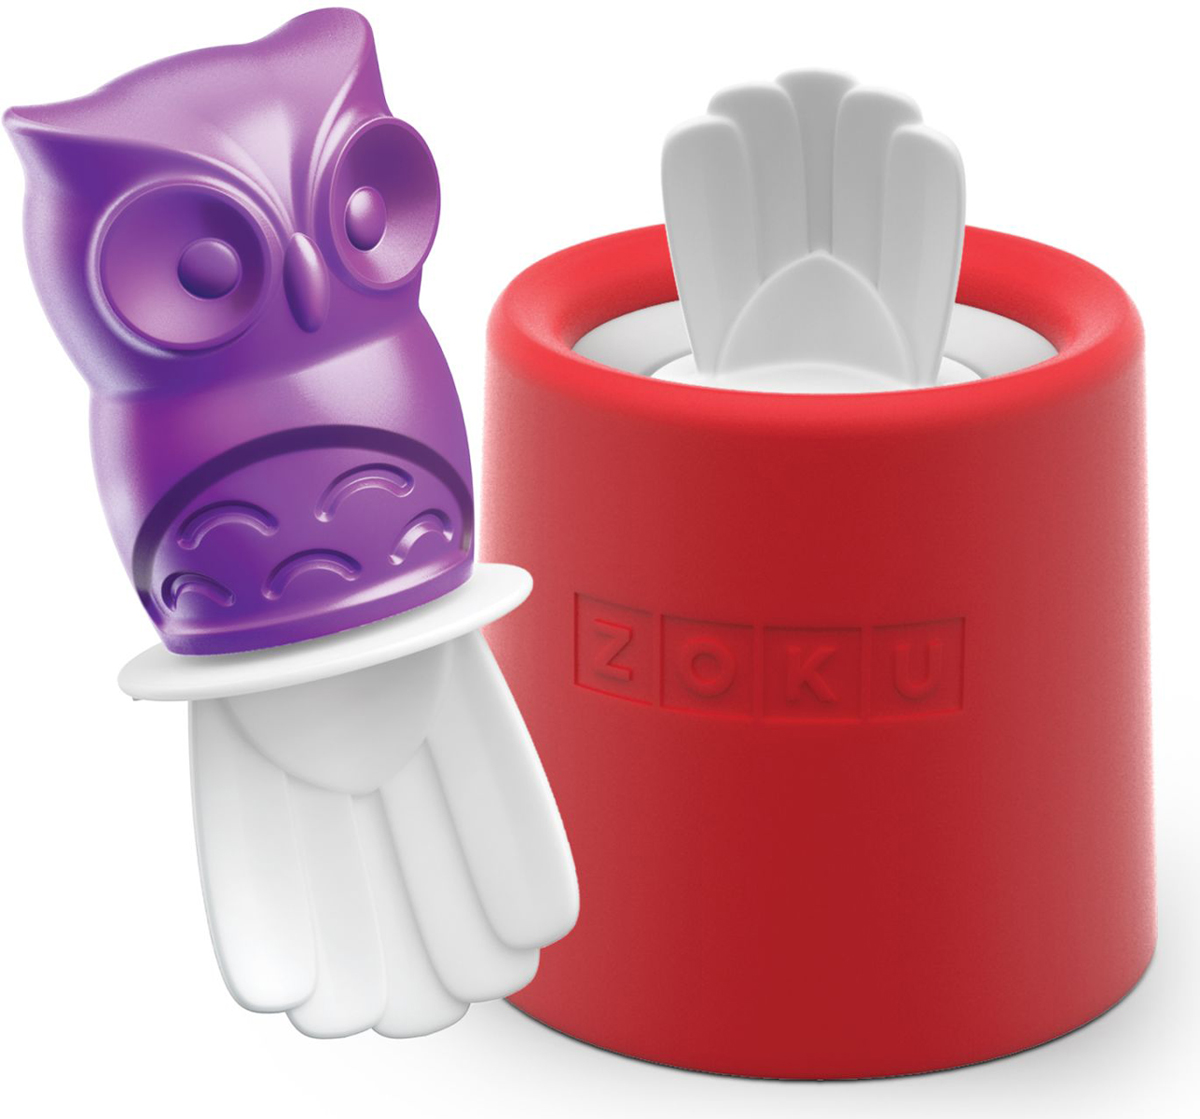 Форма для мороженого Zoku Owl, цвет: красный, 45 мл. ZK123-014300333Уникальная коллекция формочек для мороженого включает в себя 8 разных фигурок, с помощью которых вы сможете готовить вкусные и полезные домашние десерты. Теперь каждому члену семьи достанется свой персонаж, и не придется путаться в том, кому и какое лакомство принадлежит.Для приготовления мороженого залейте жидкость в форму Zoku Owl до отметки и вставьте внутрь палочку. Оставьте в морозильной камере на восемь и более часов. Когда продукт готов, просто вытащите палочку и наслаждайтесь натуральным десертом собственного приготовления.Форма не содержит вредных примесей и бисфенола-А. Моется вручную. Объем - 45 мл.